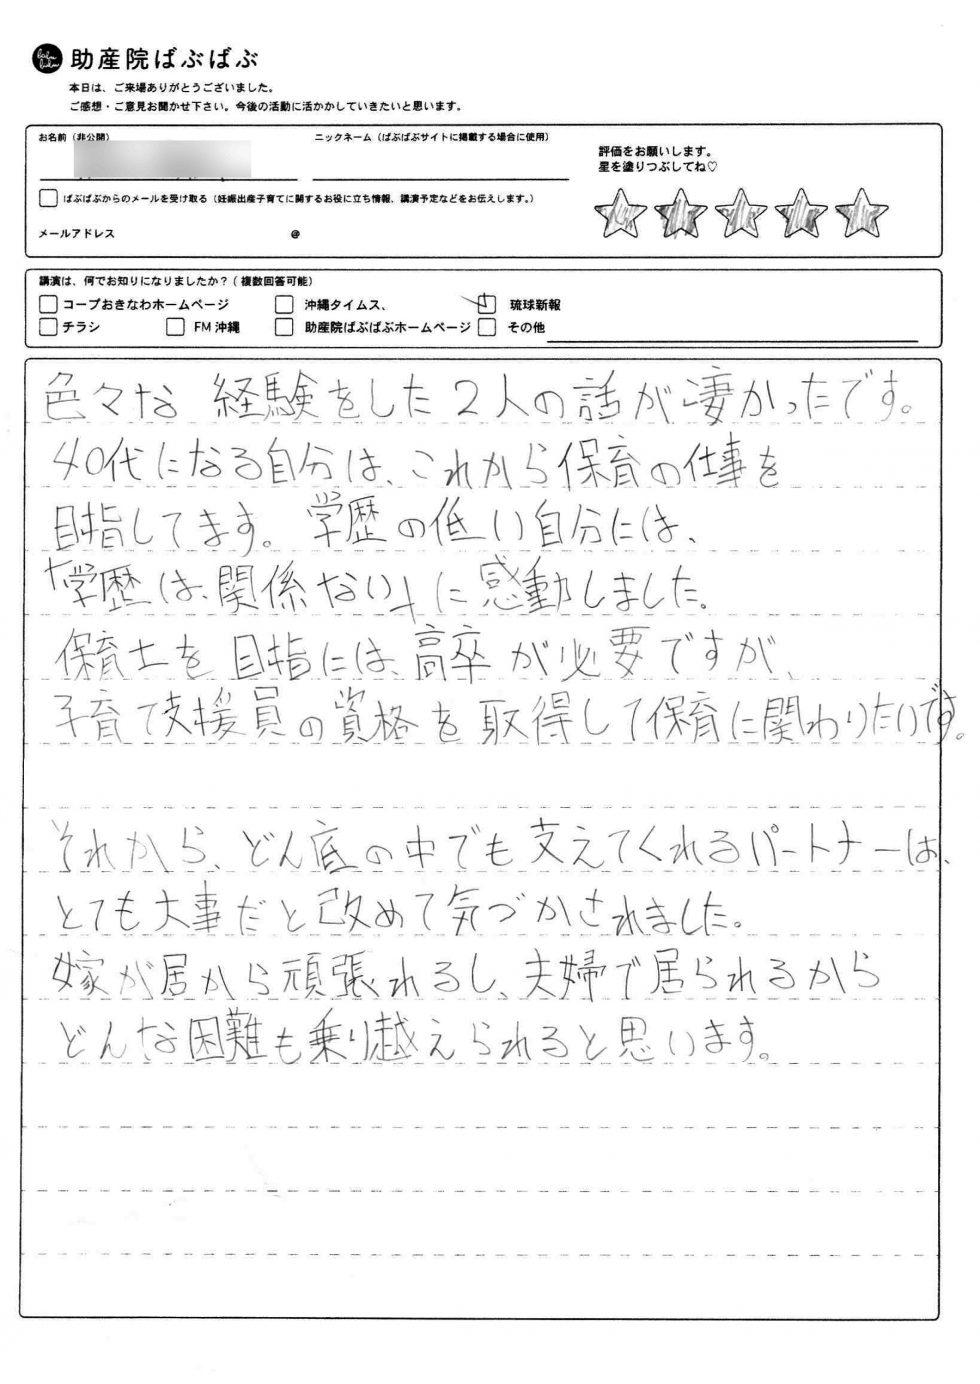 01 - 沖縄初講演に参加したママパパの感想(レビュー)